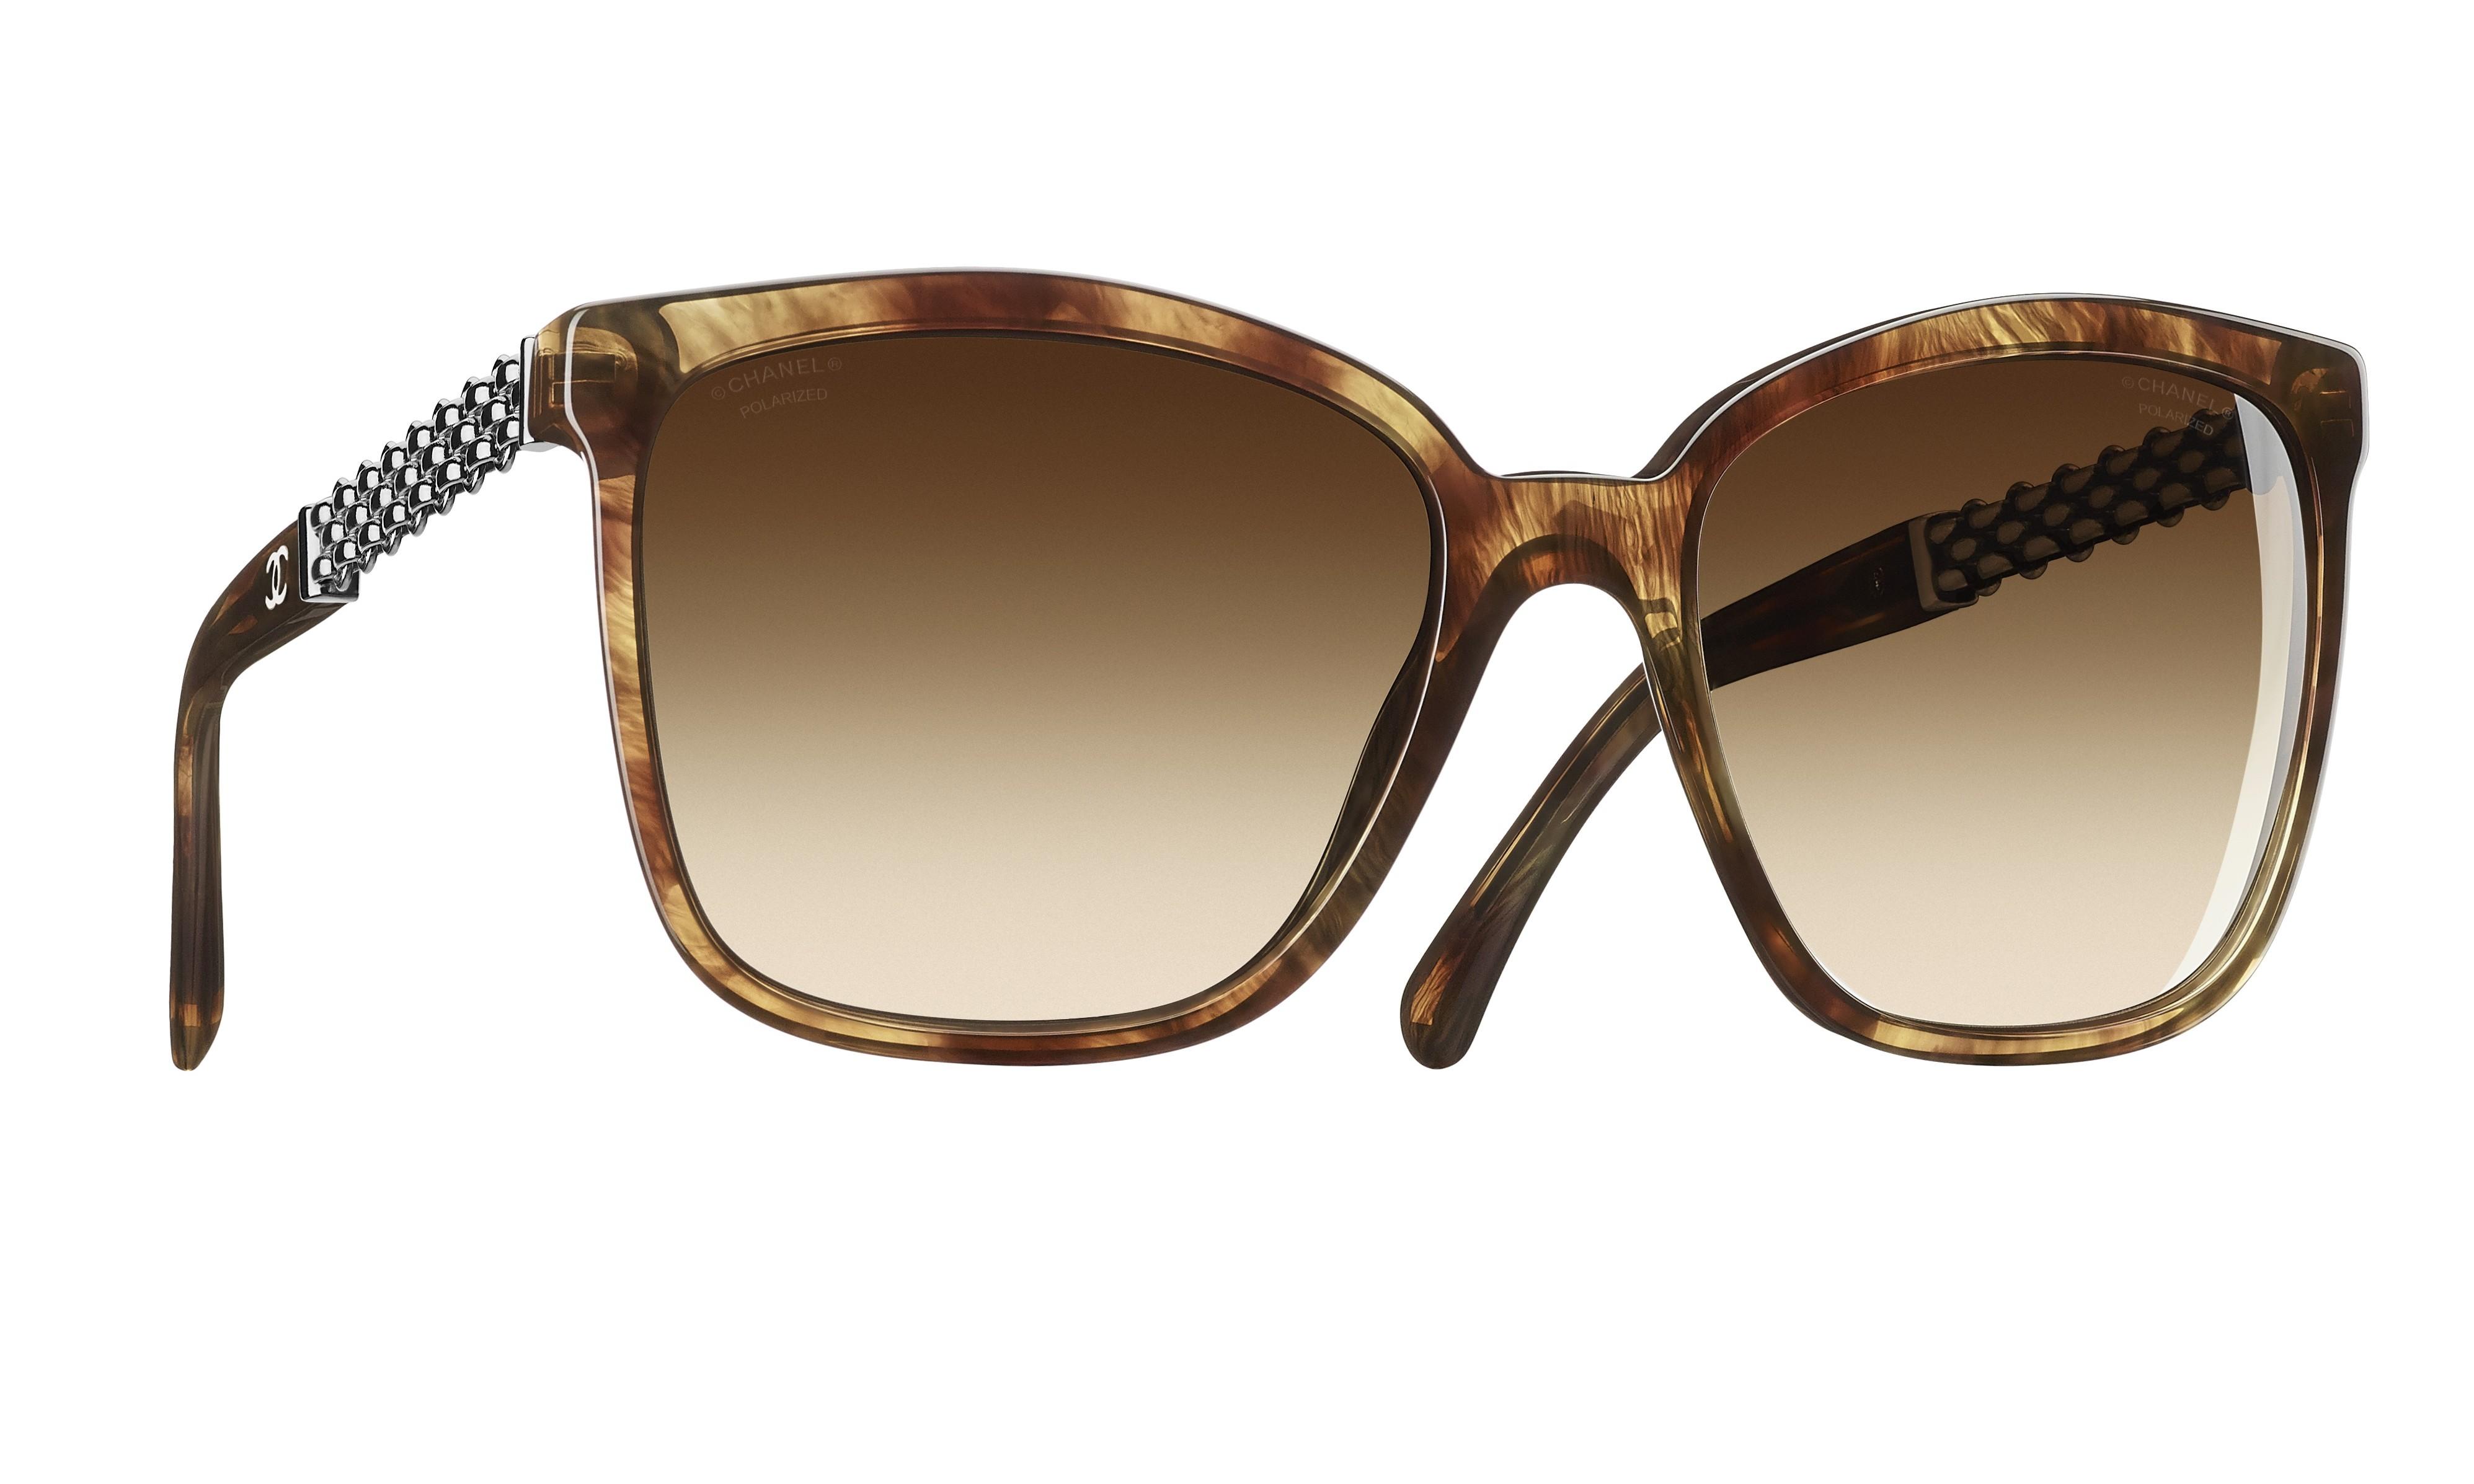 Chanel Eyeglass Frames 2015 : Chanel Eyewear Fall/Winter 2015 - Crash Magazine